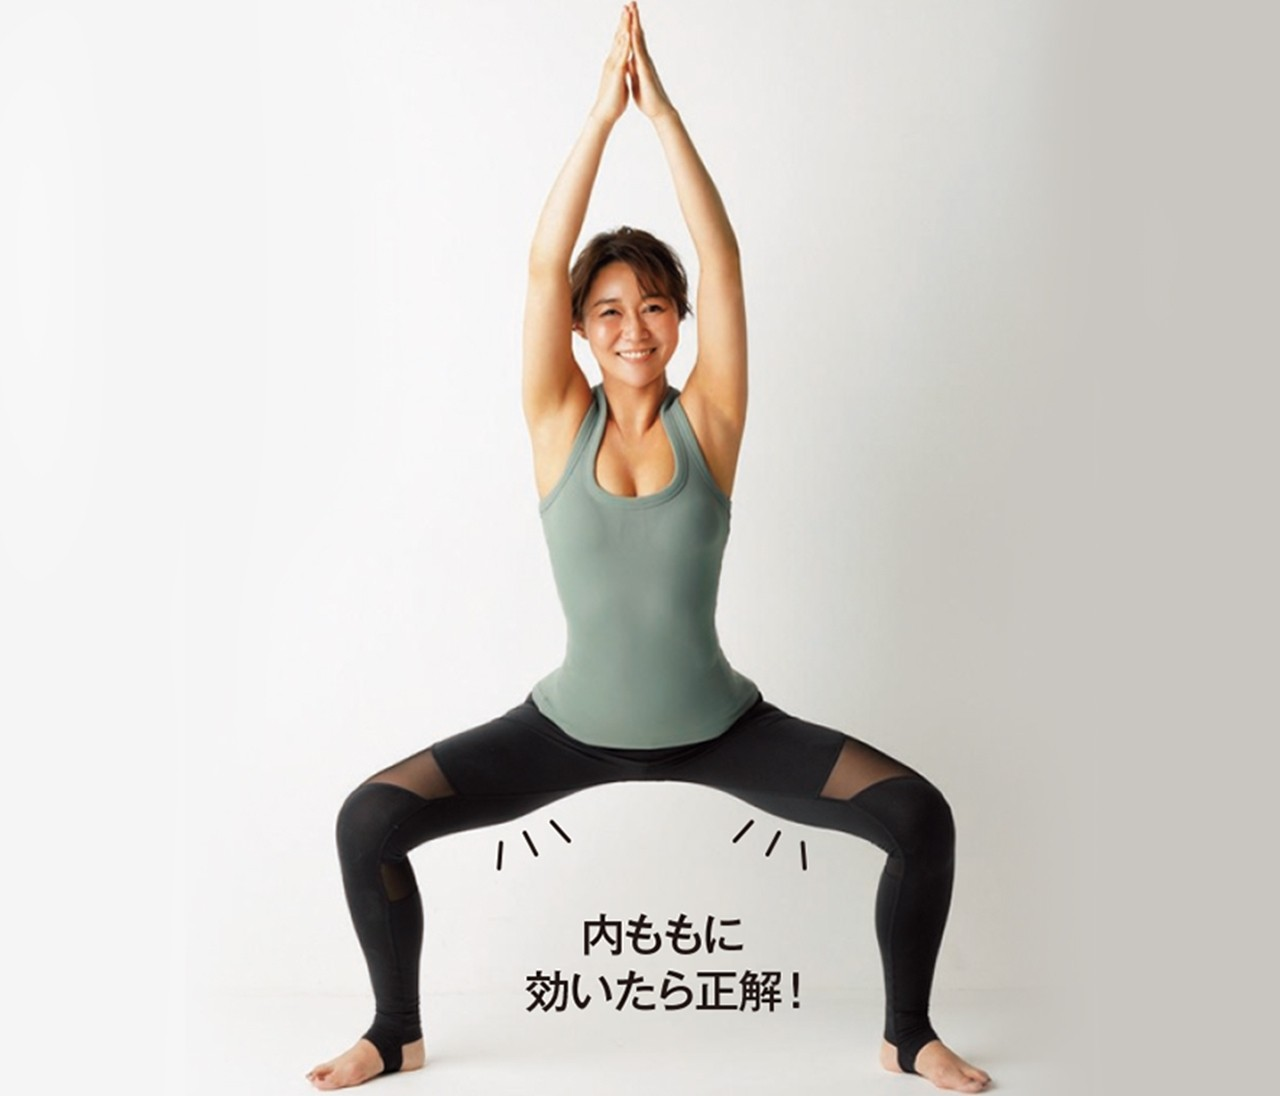 【くびれ母ちゃんのスタイルアップ術】4つのトレーニングで美姿勢に!